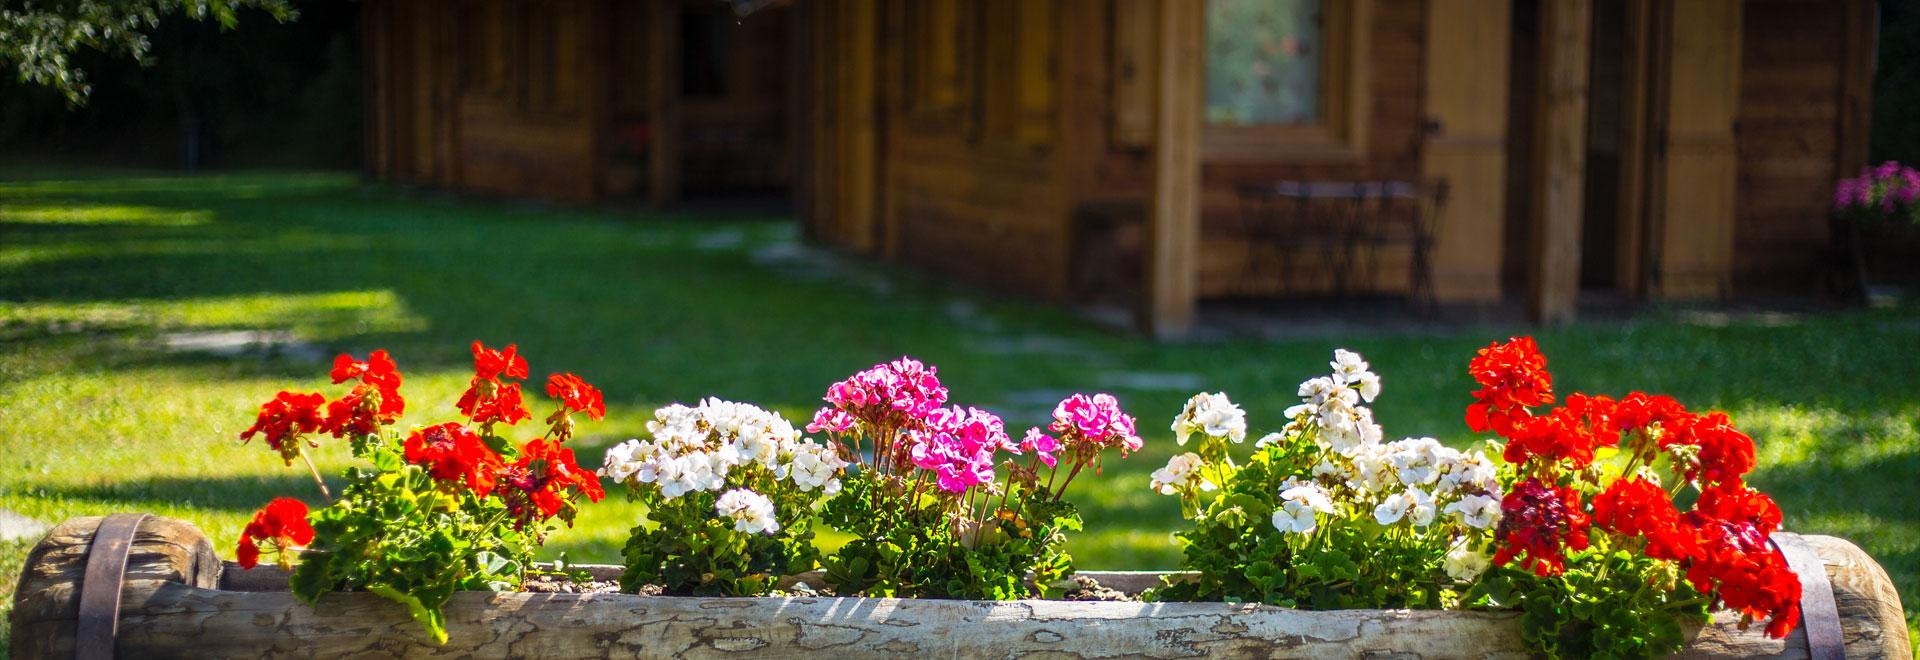 Campeggio - dettaglio fiori